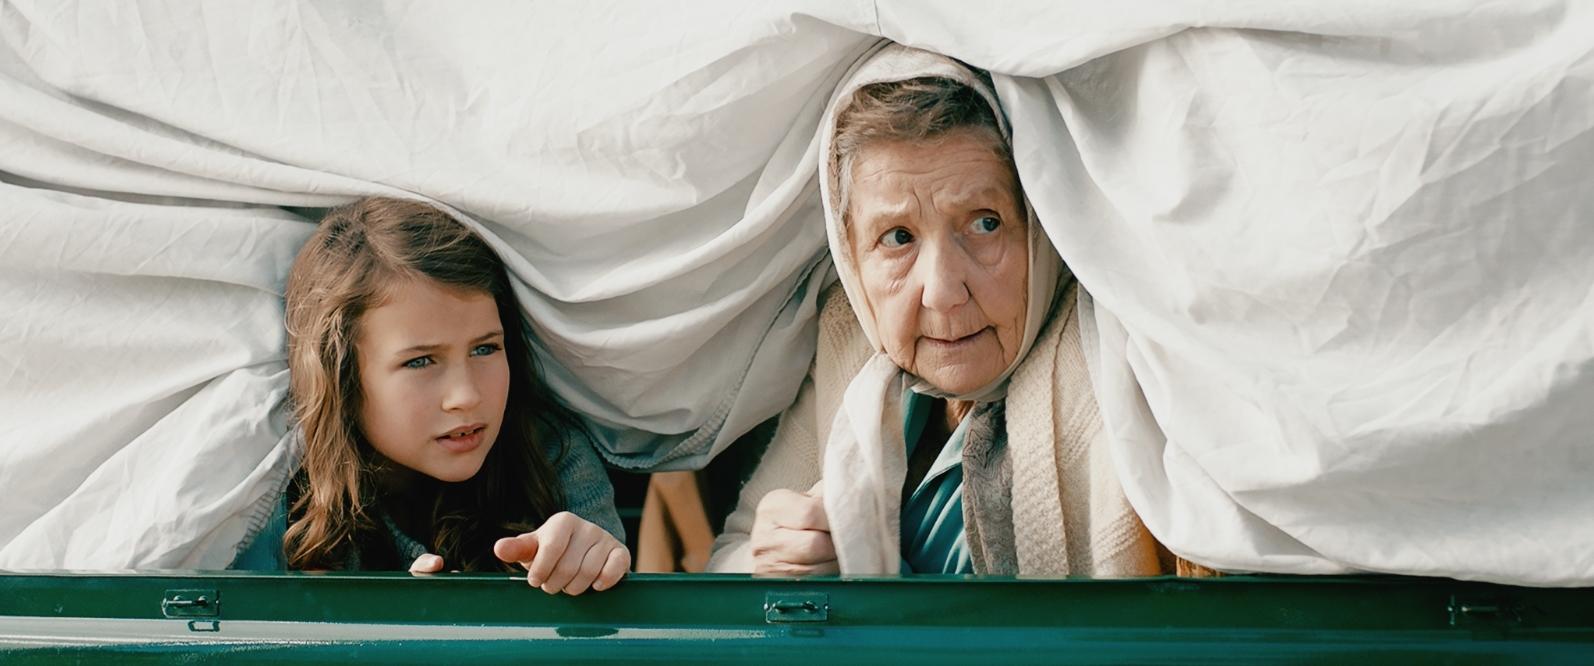 Mona (Petronella Nygaard) og mormor sniker seg ombord på den stjålne lastebilen.